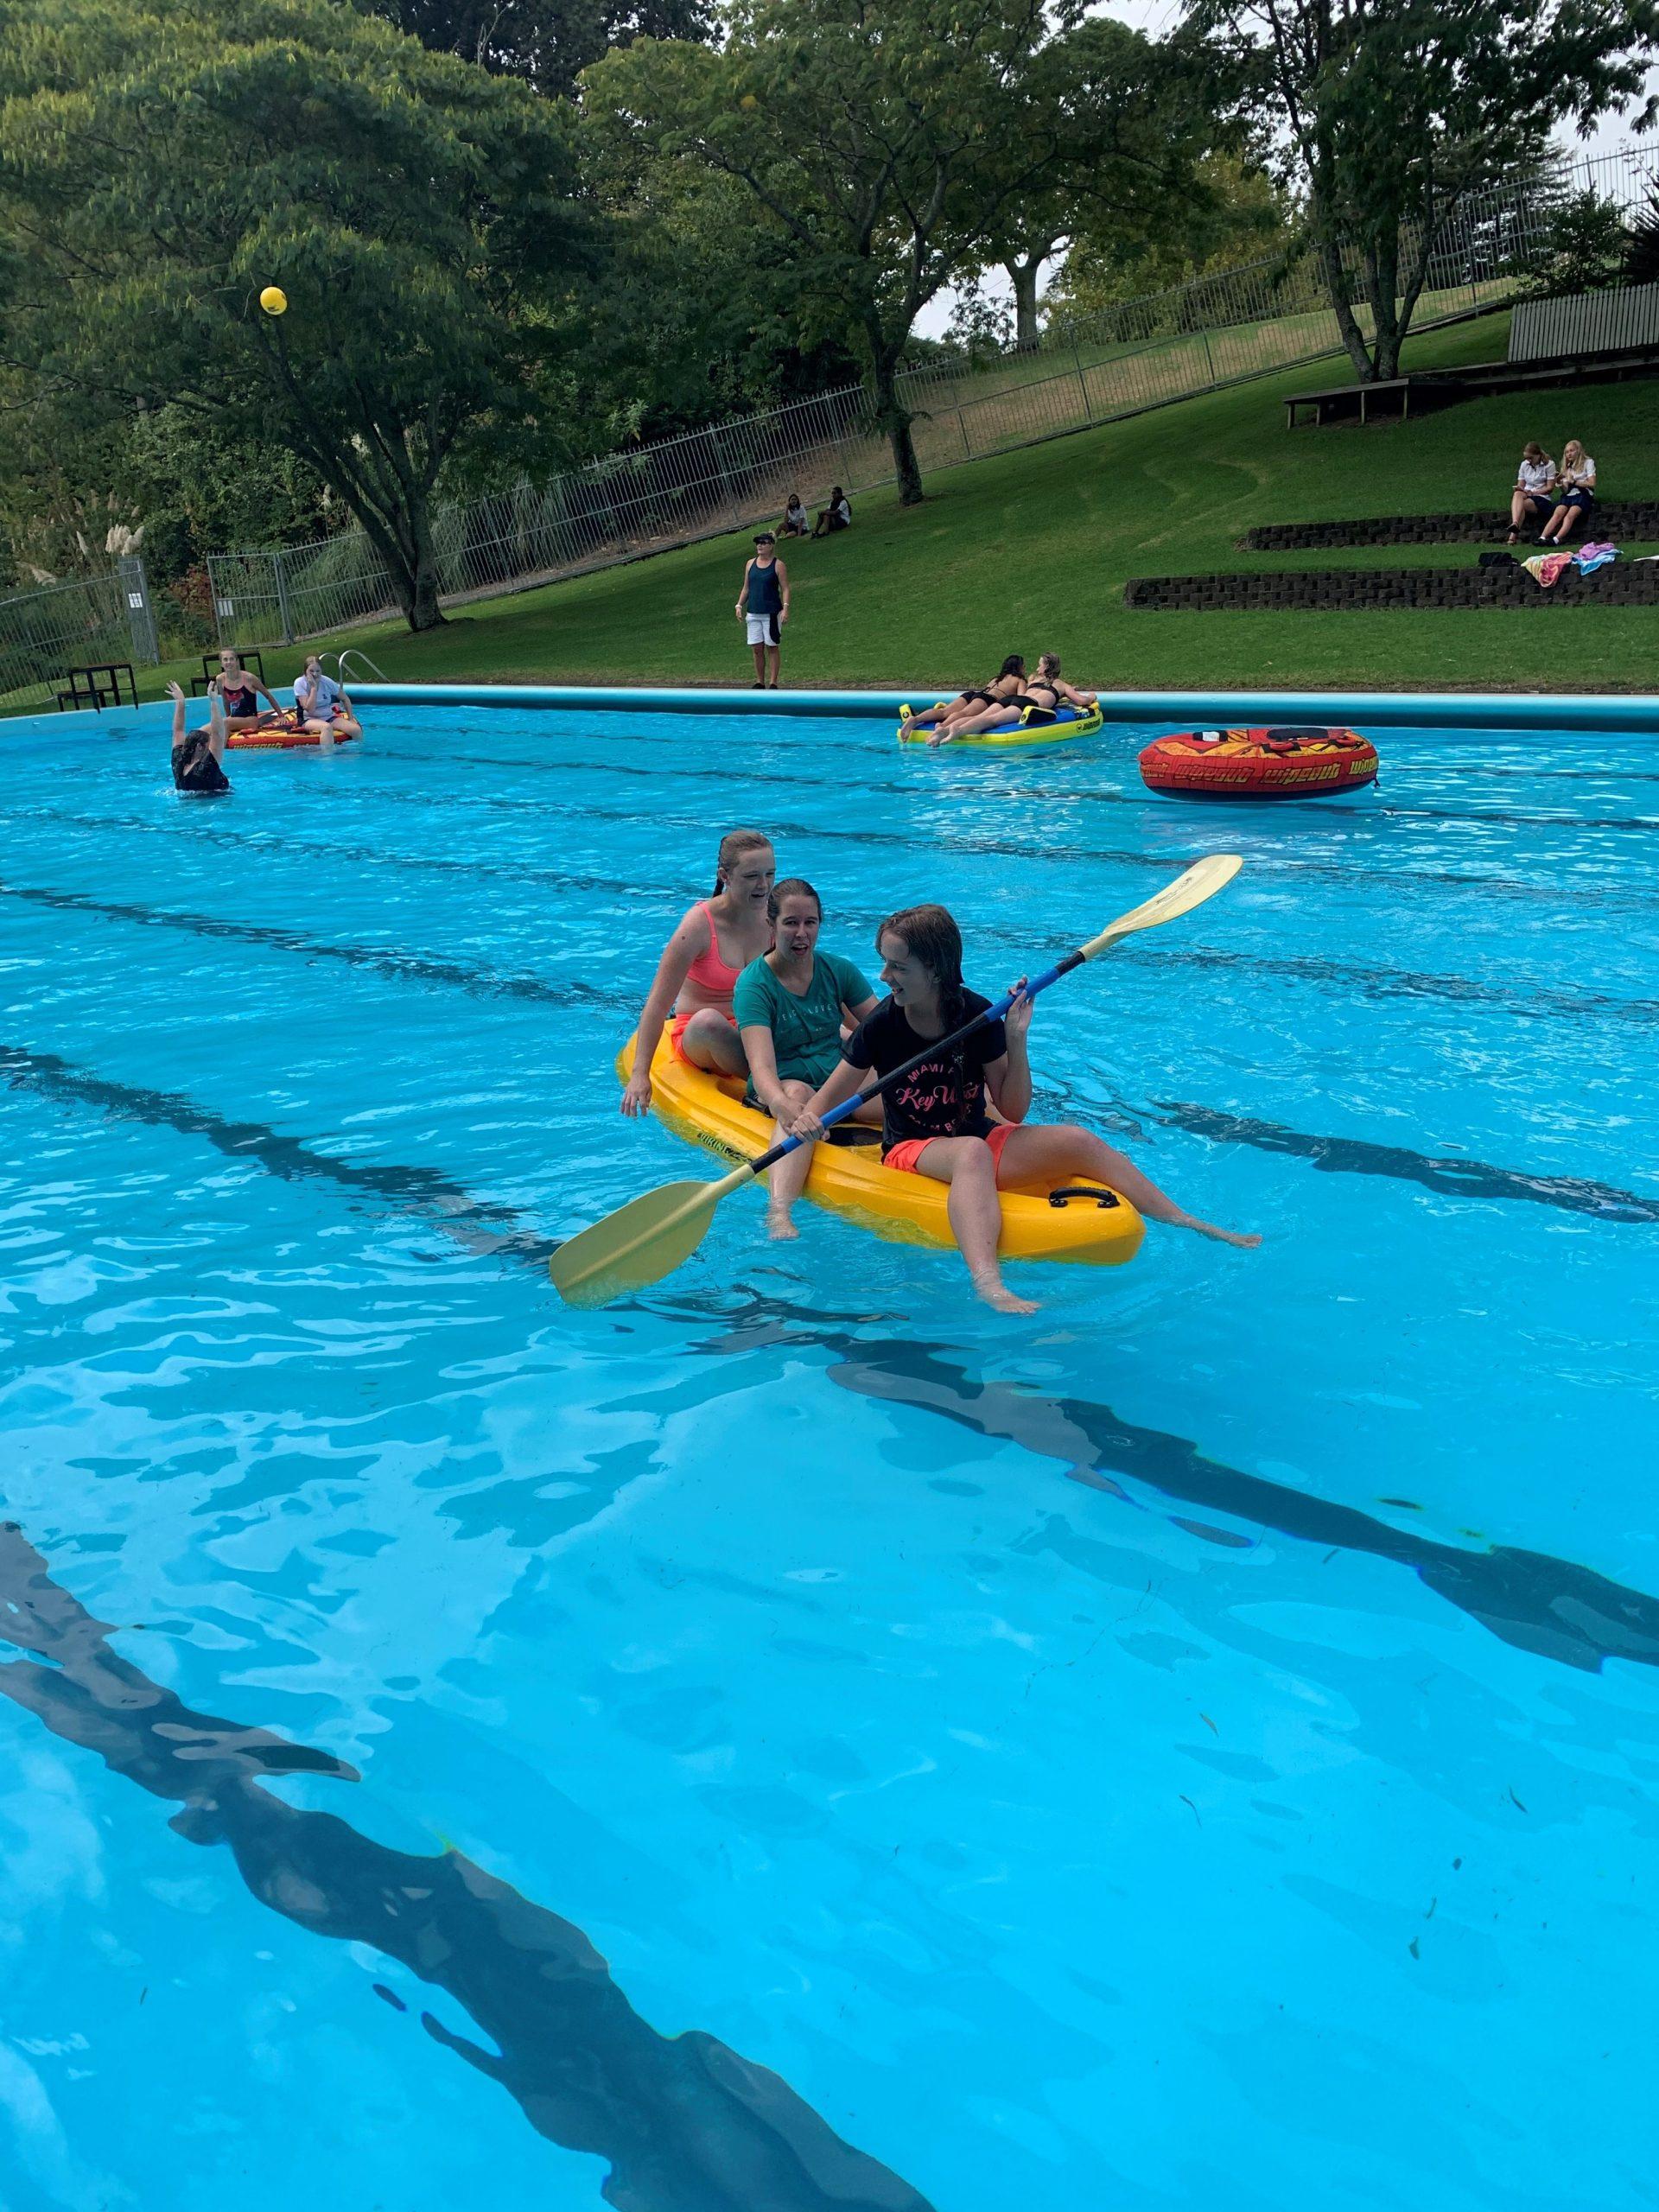 bridget kayaking